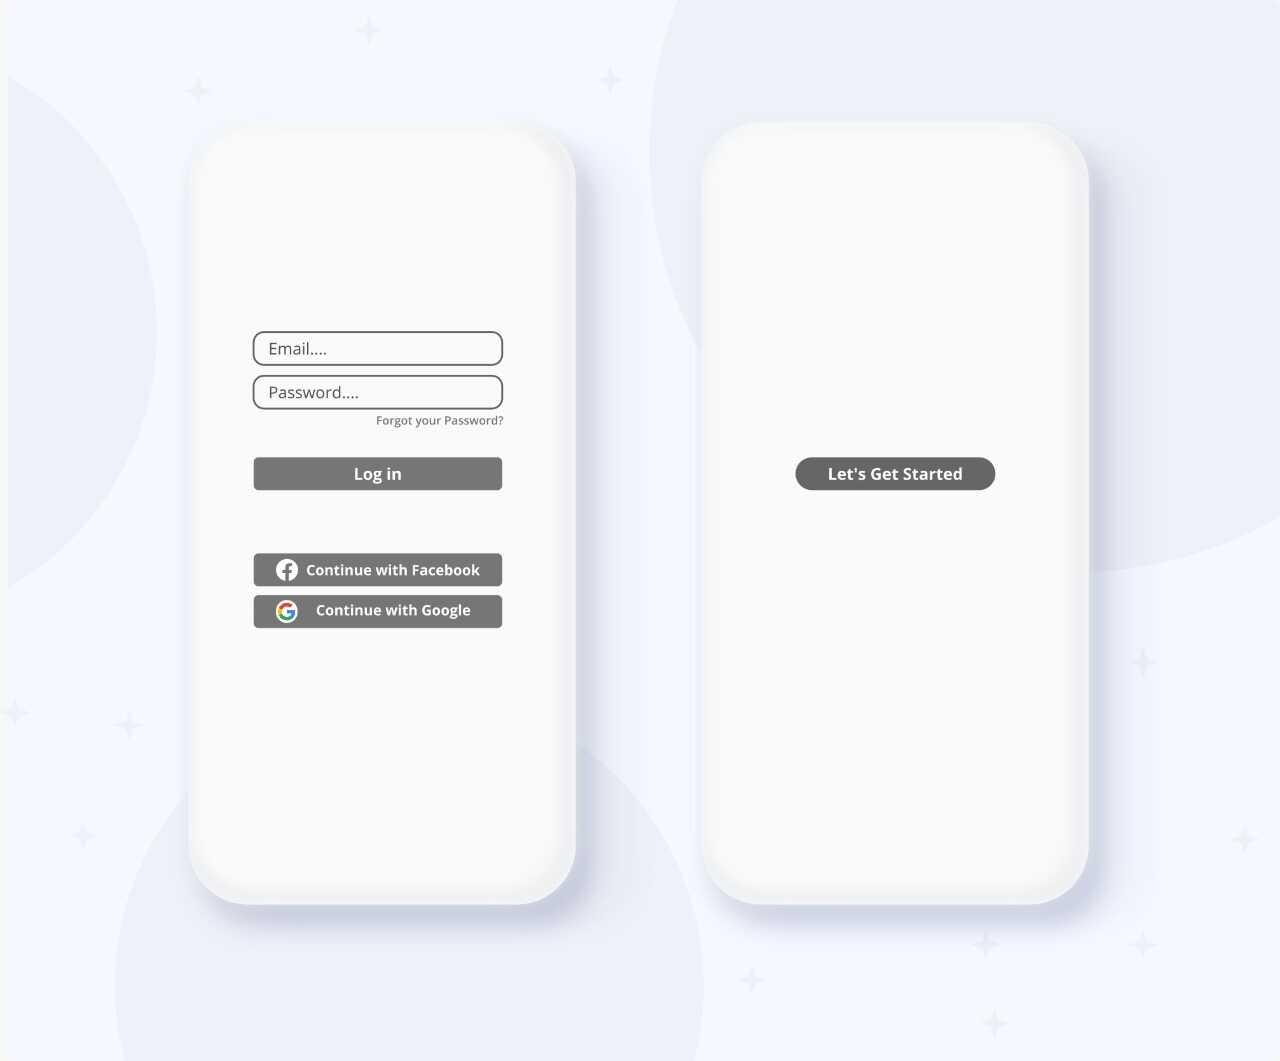 অ্যাপ ডেভেলপমেন্ট পরিচিতি - Low-Fidelity App Prototype For Testing Functionality